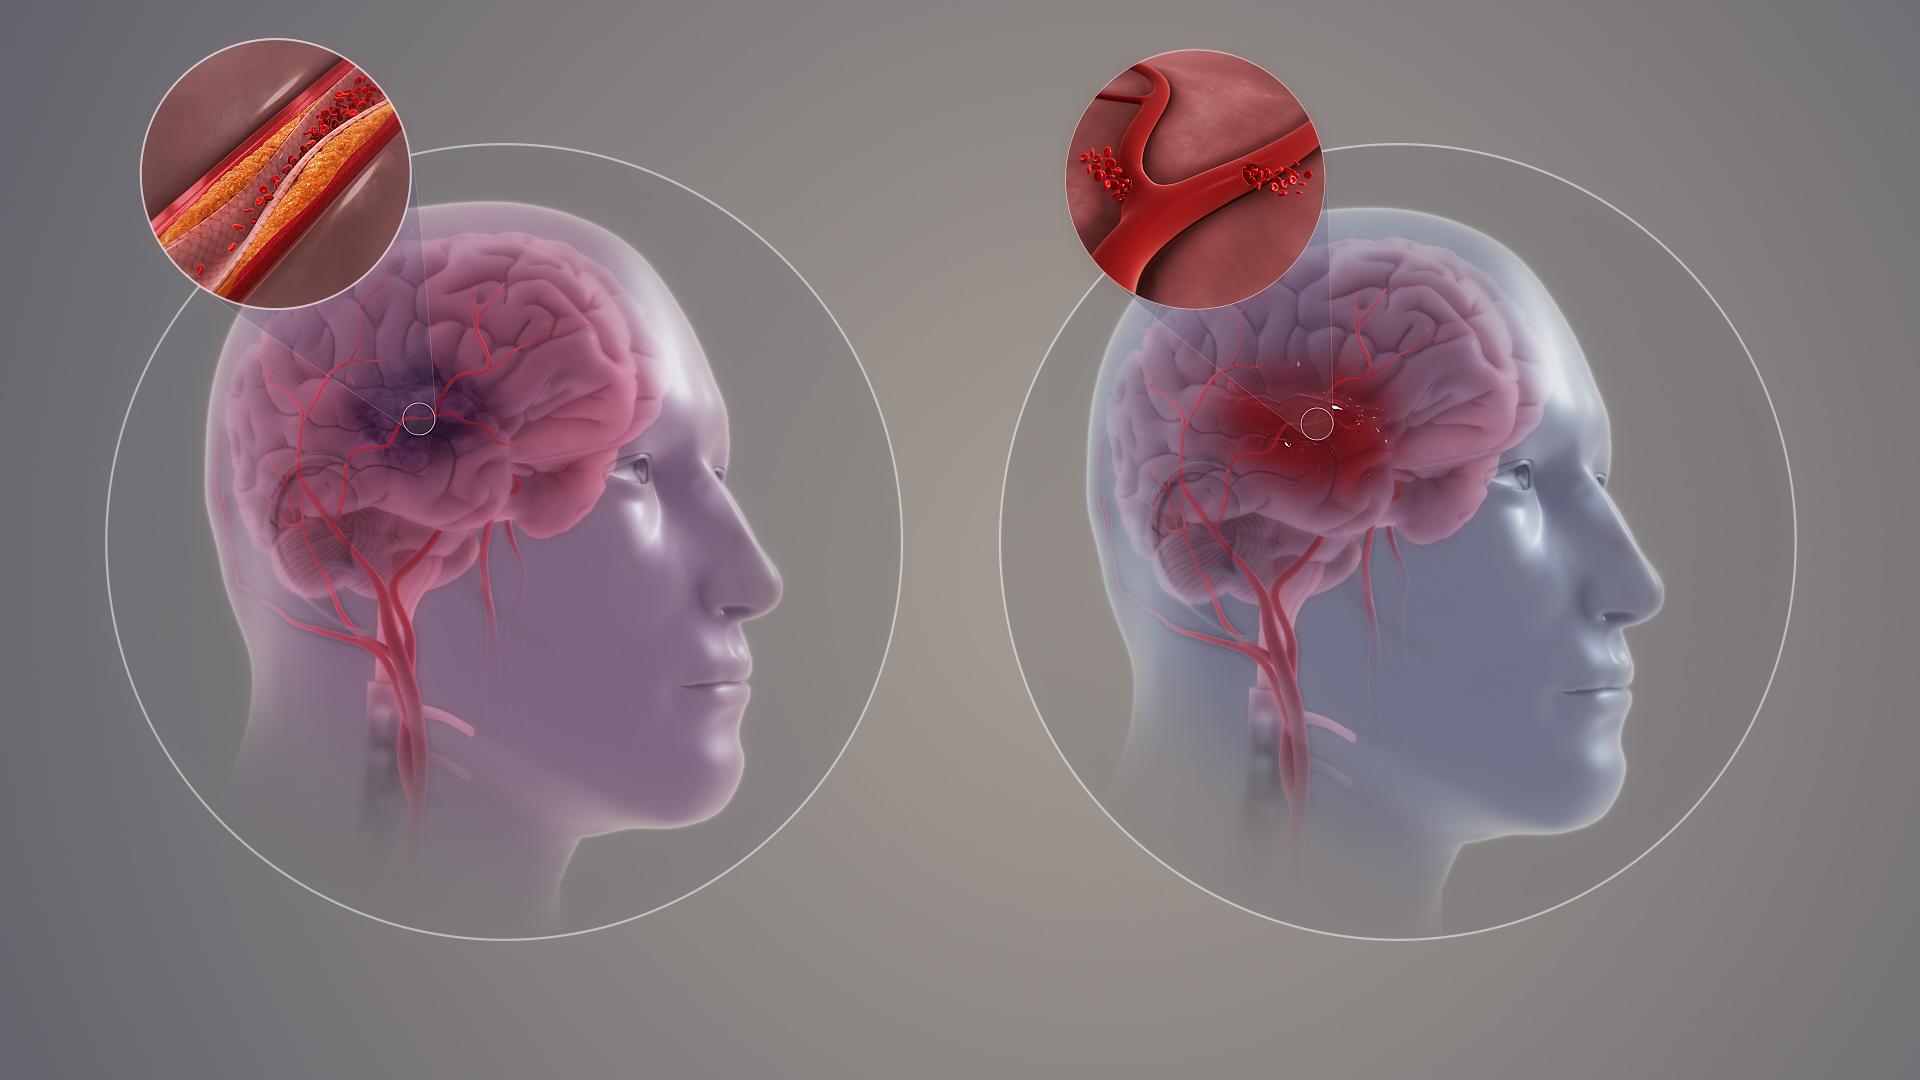 Untersuchung bei einem Schlaganfall - Bluttests zur Diagnose eines Schlaganfalls